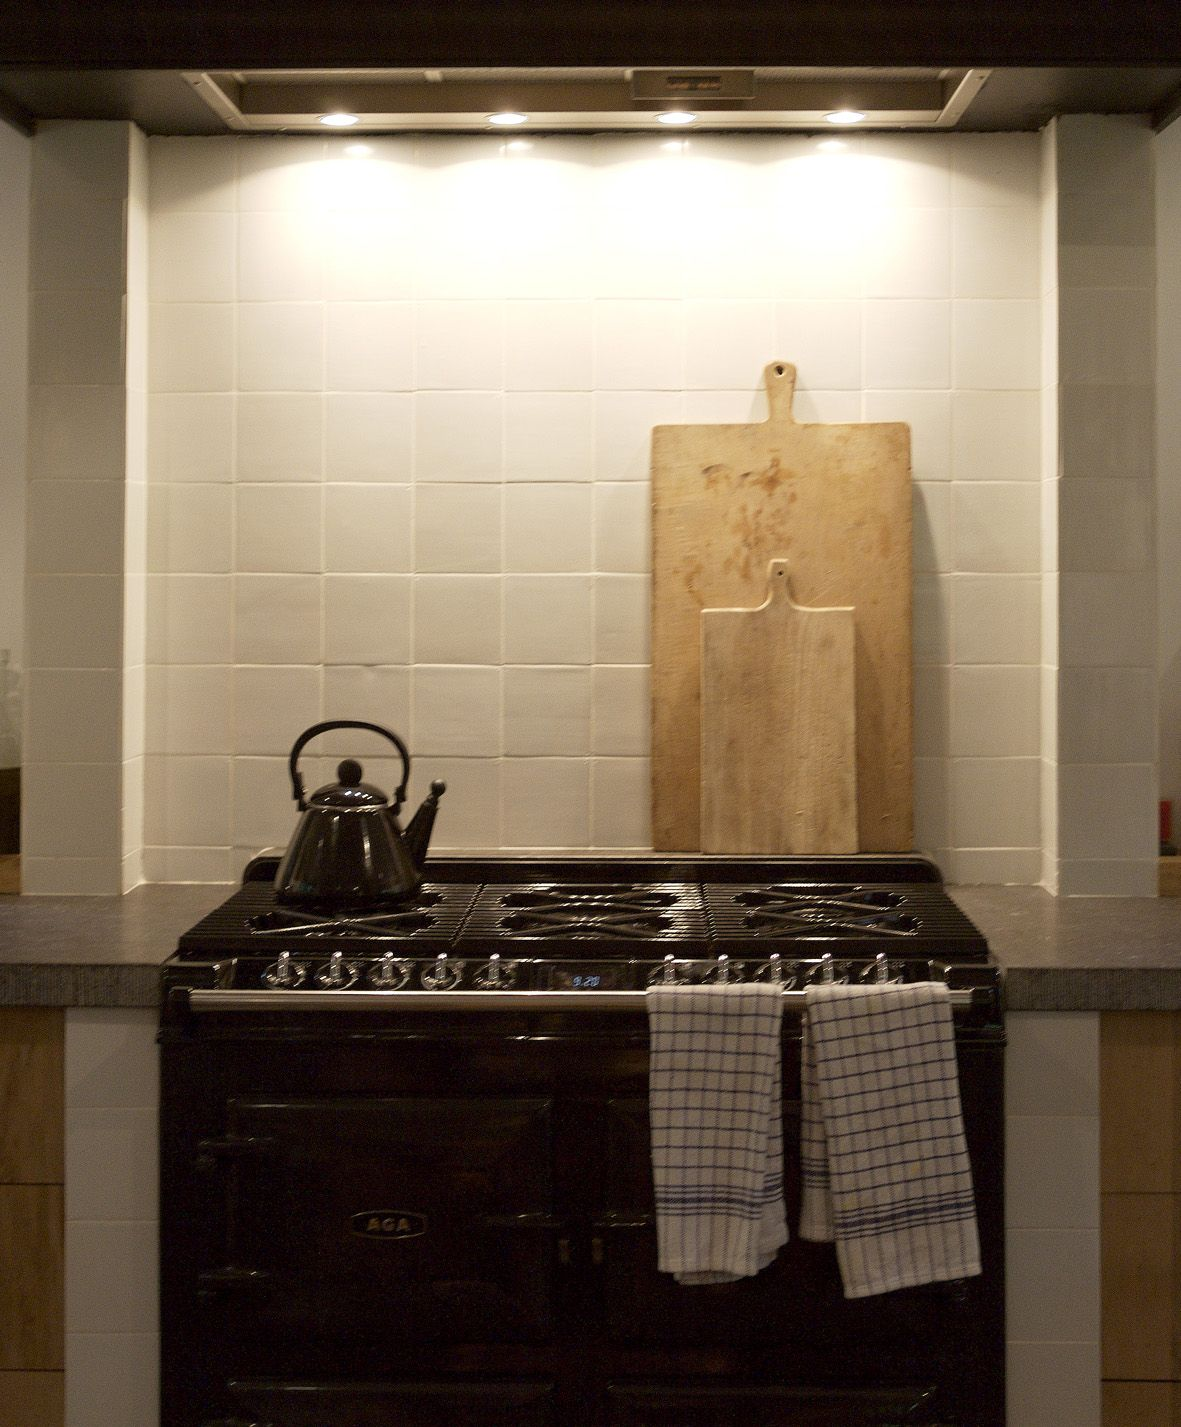 witjes oude en nieuwe alles voor in de keuken aanrechtbladen tegels lampen tafels kasten